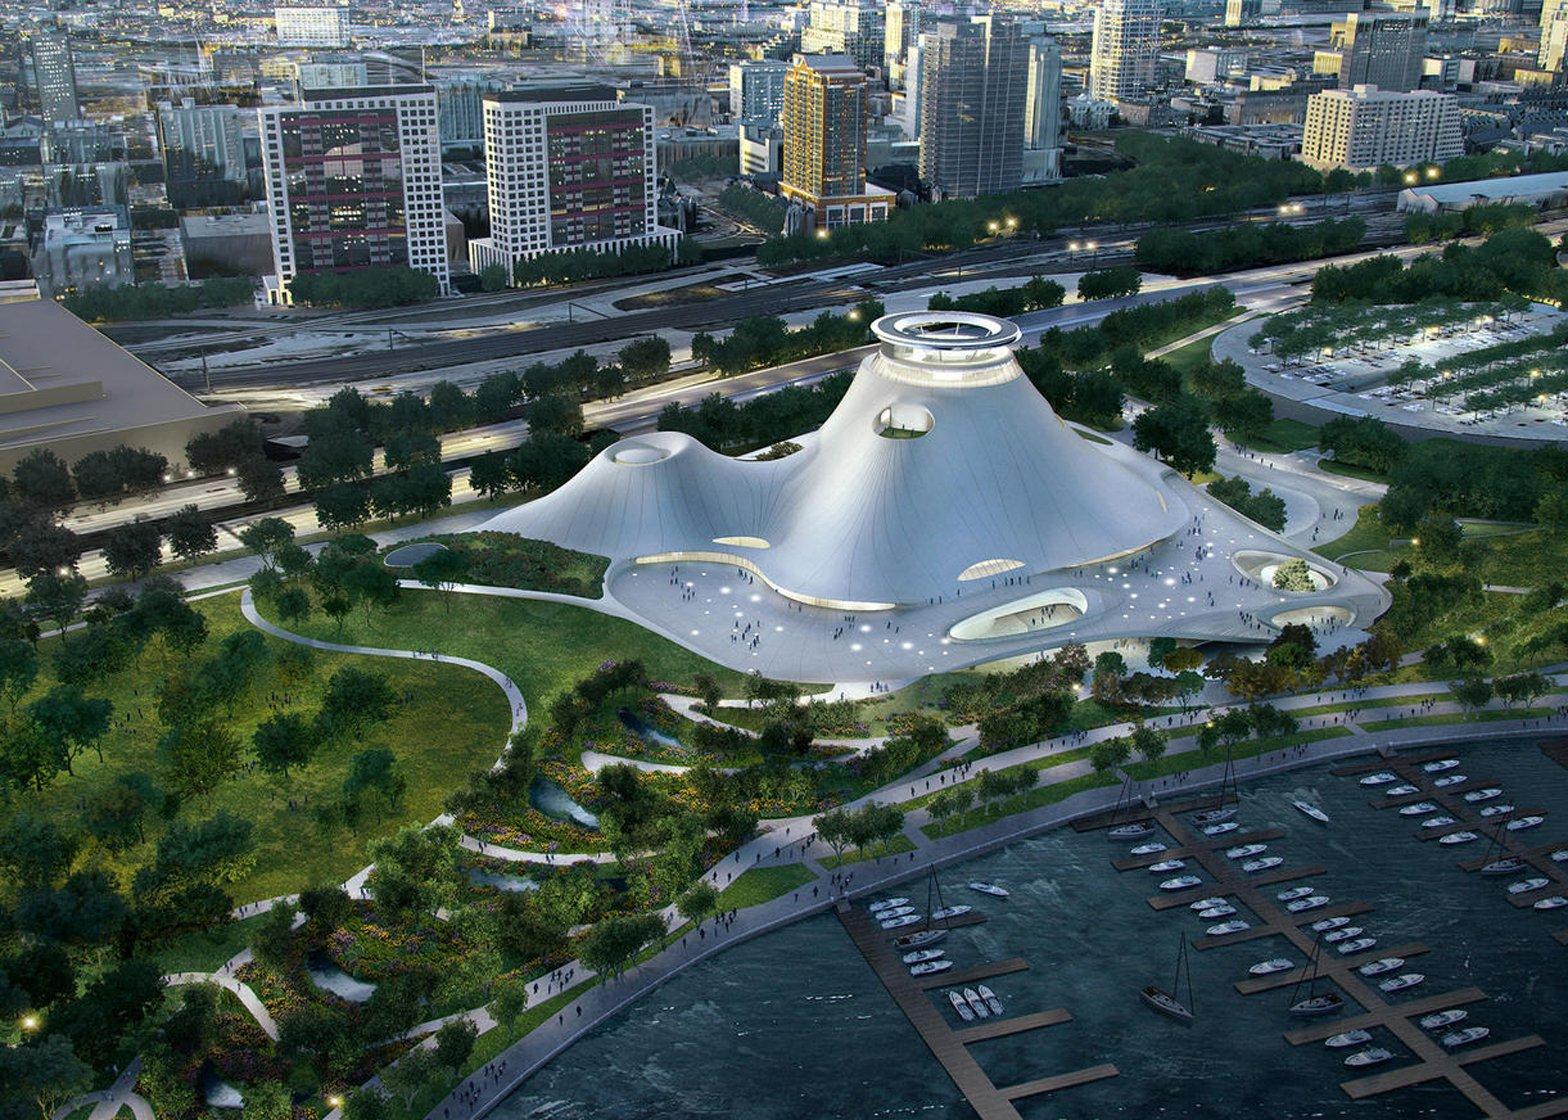 Het afgekeurde ontwerp voor het Chicago Lakefront George Lucas Museum door MAD